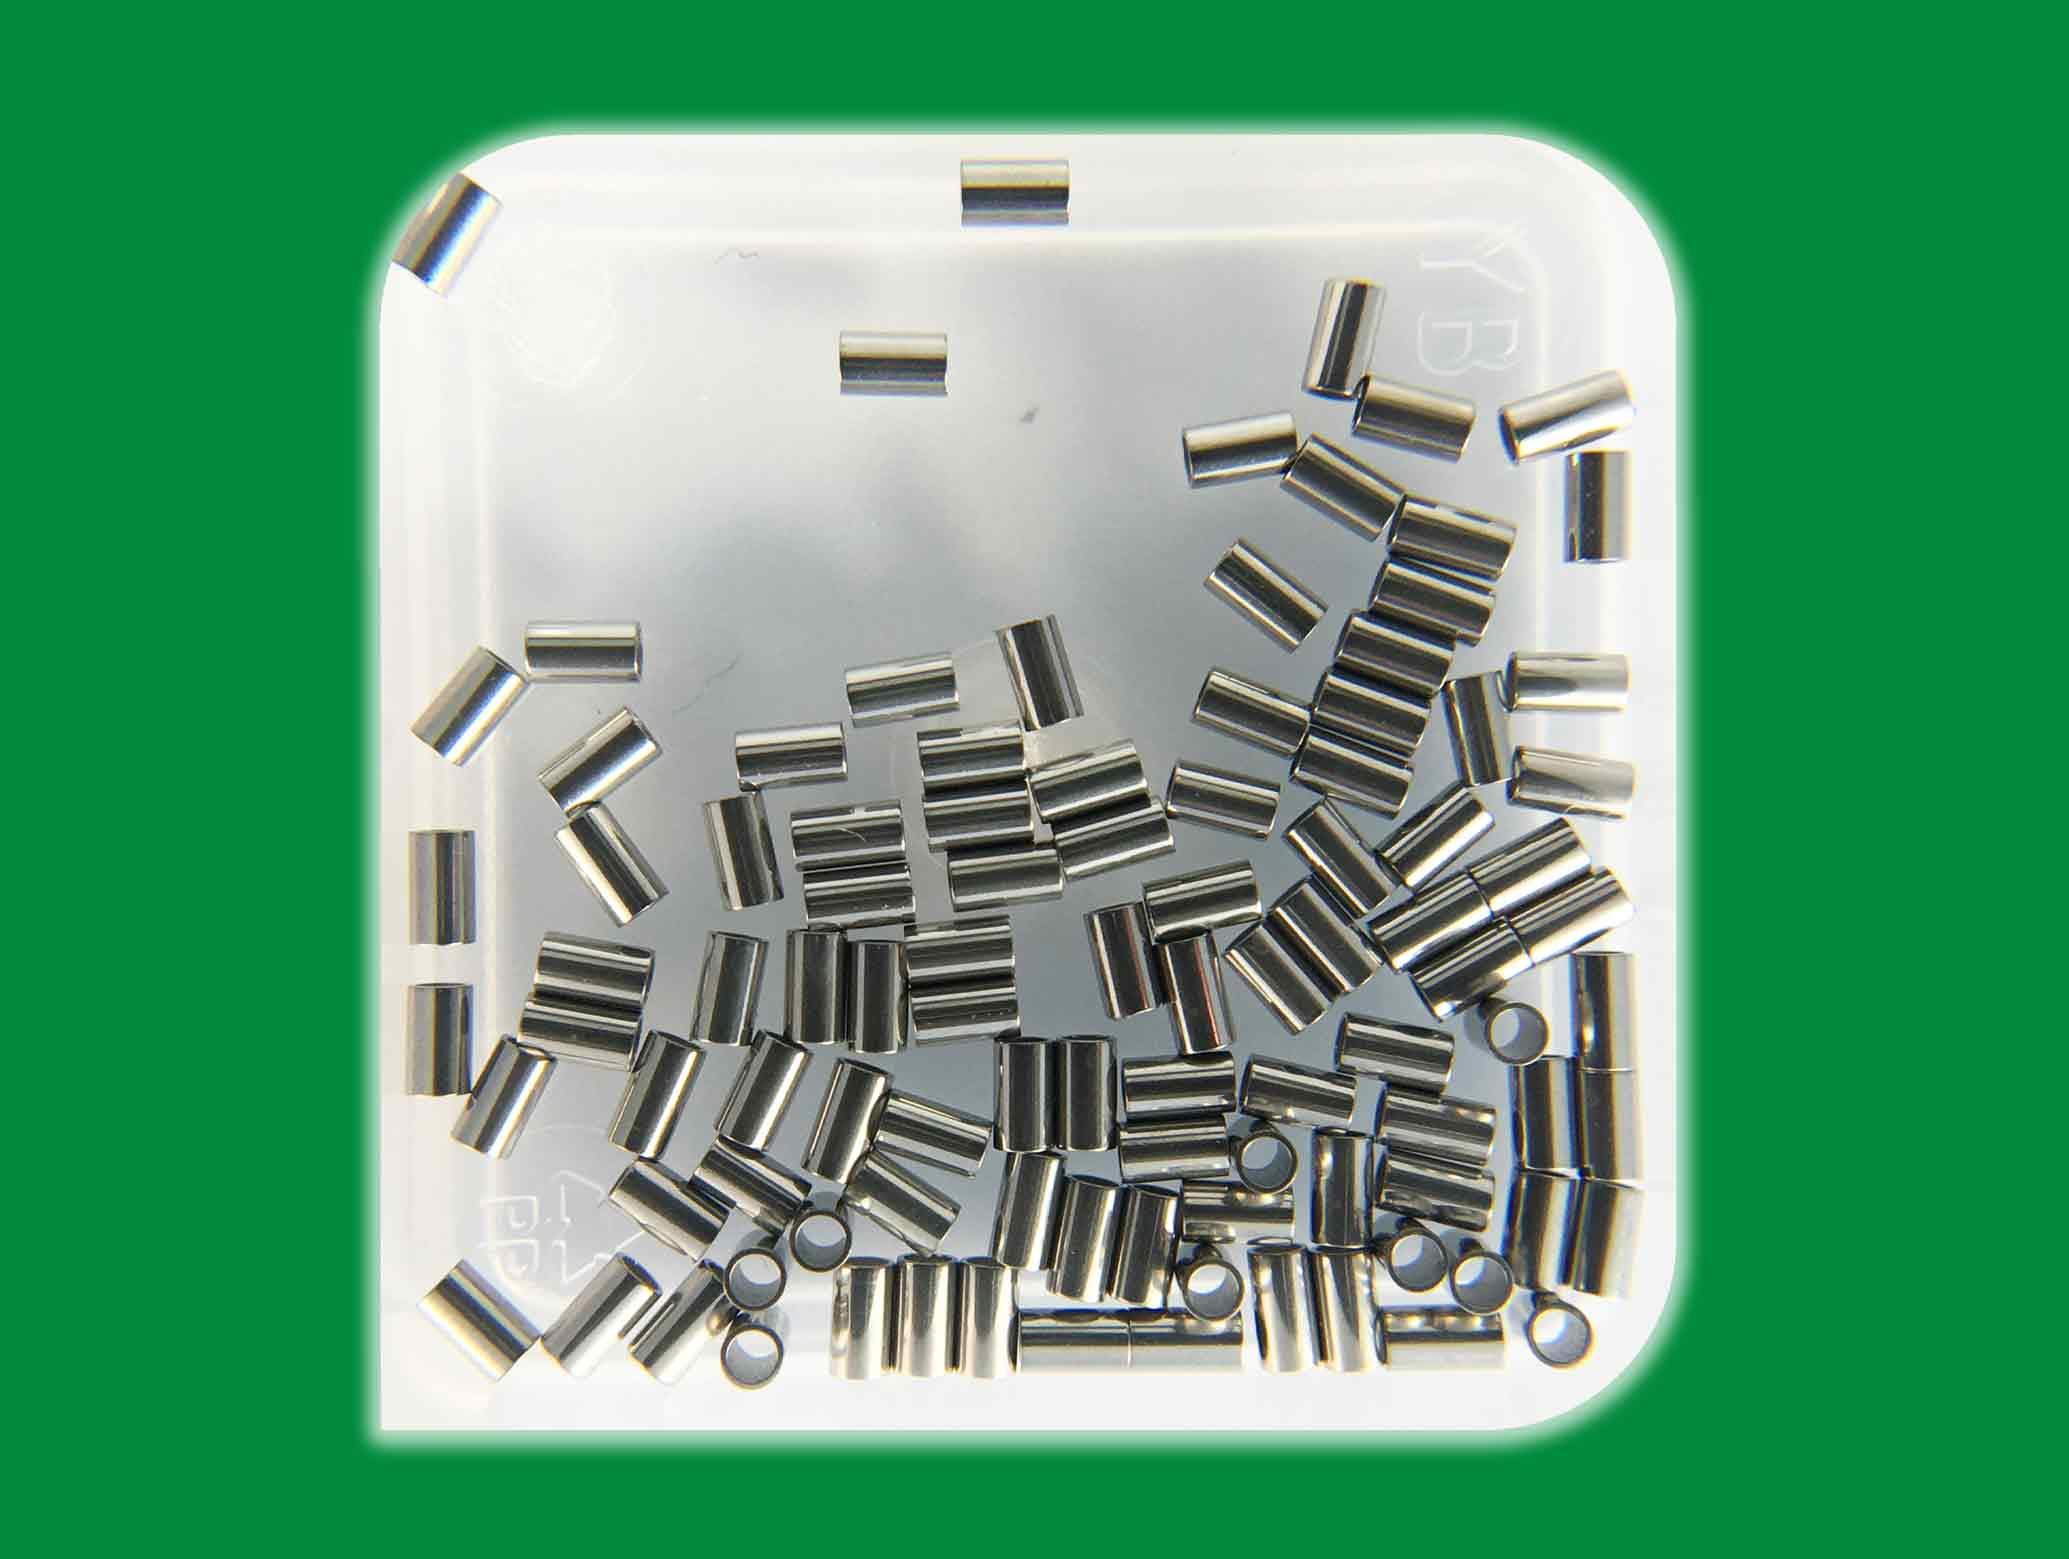 """SMT-Präzisionsröhrchen Crimpable Stop CT09 TowerX Innendurchmesser 0,9 mm / 0.035"""" Außendurchmesser 1,2 mm Länge 2,0 mm"""